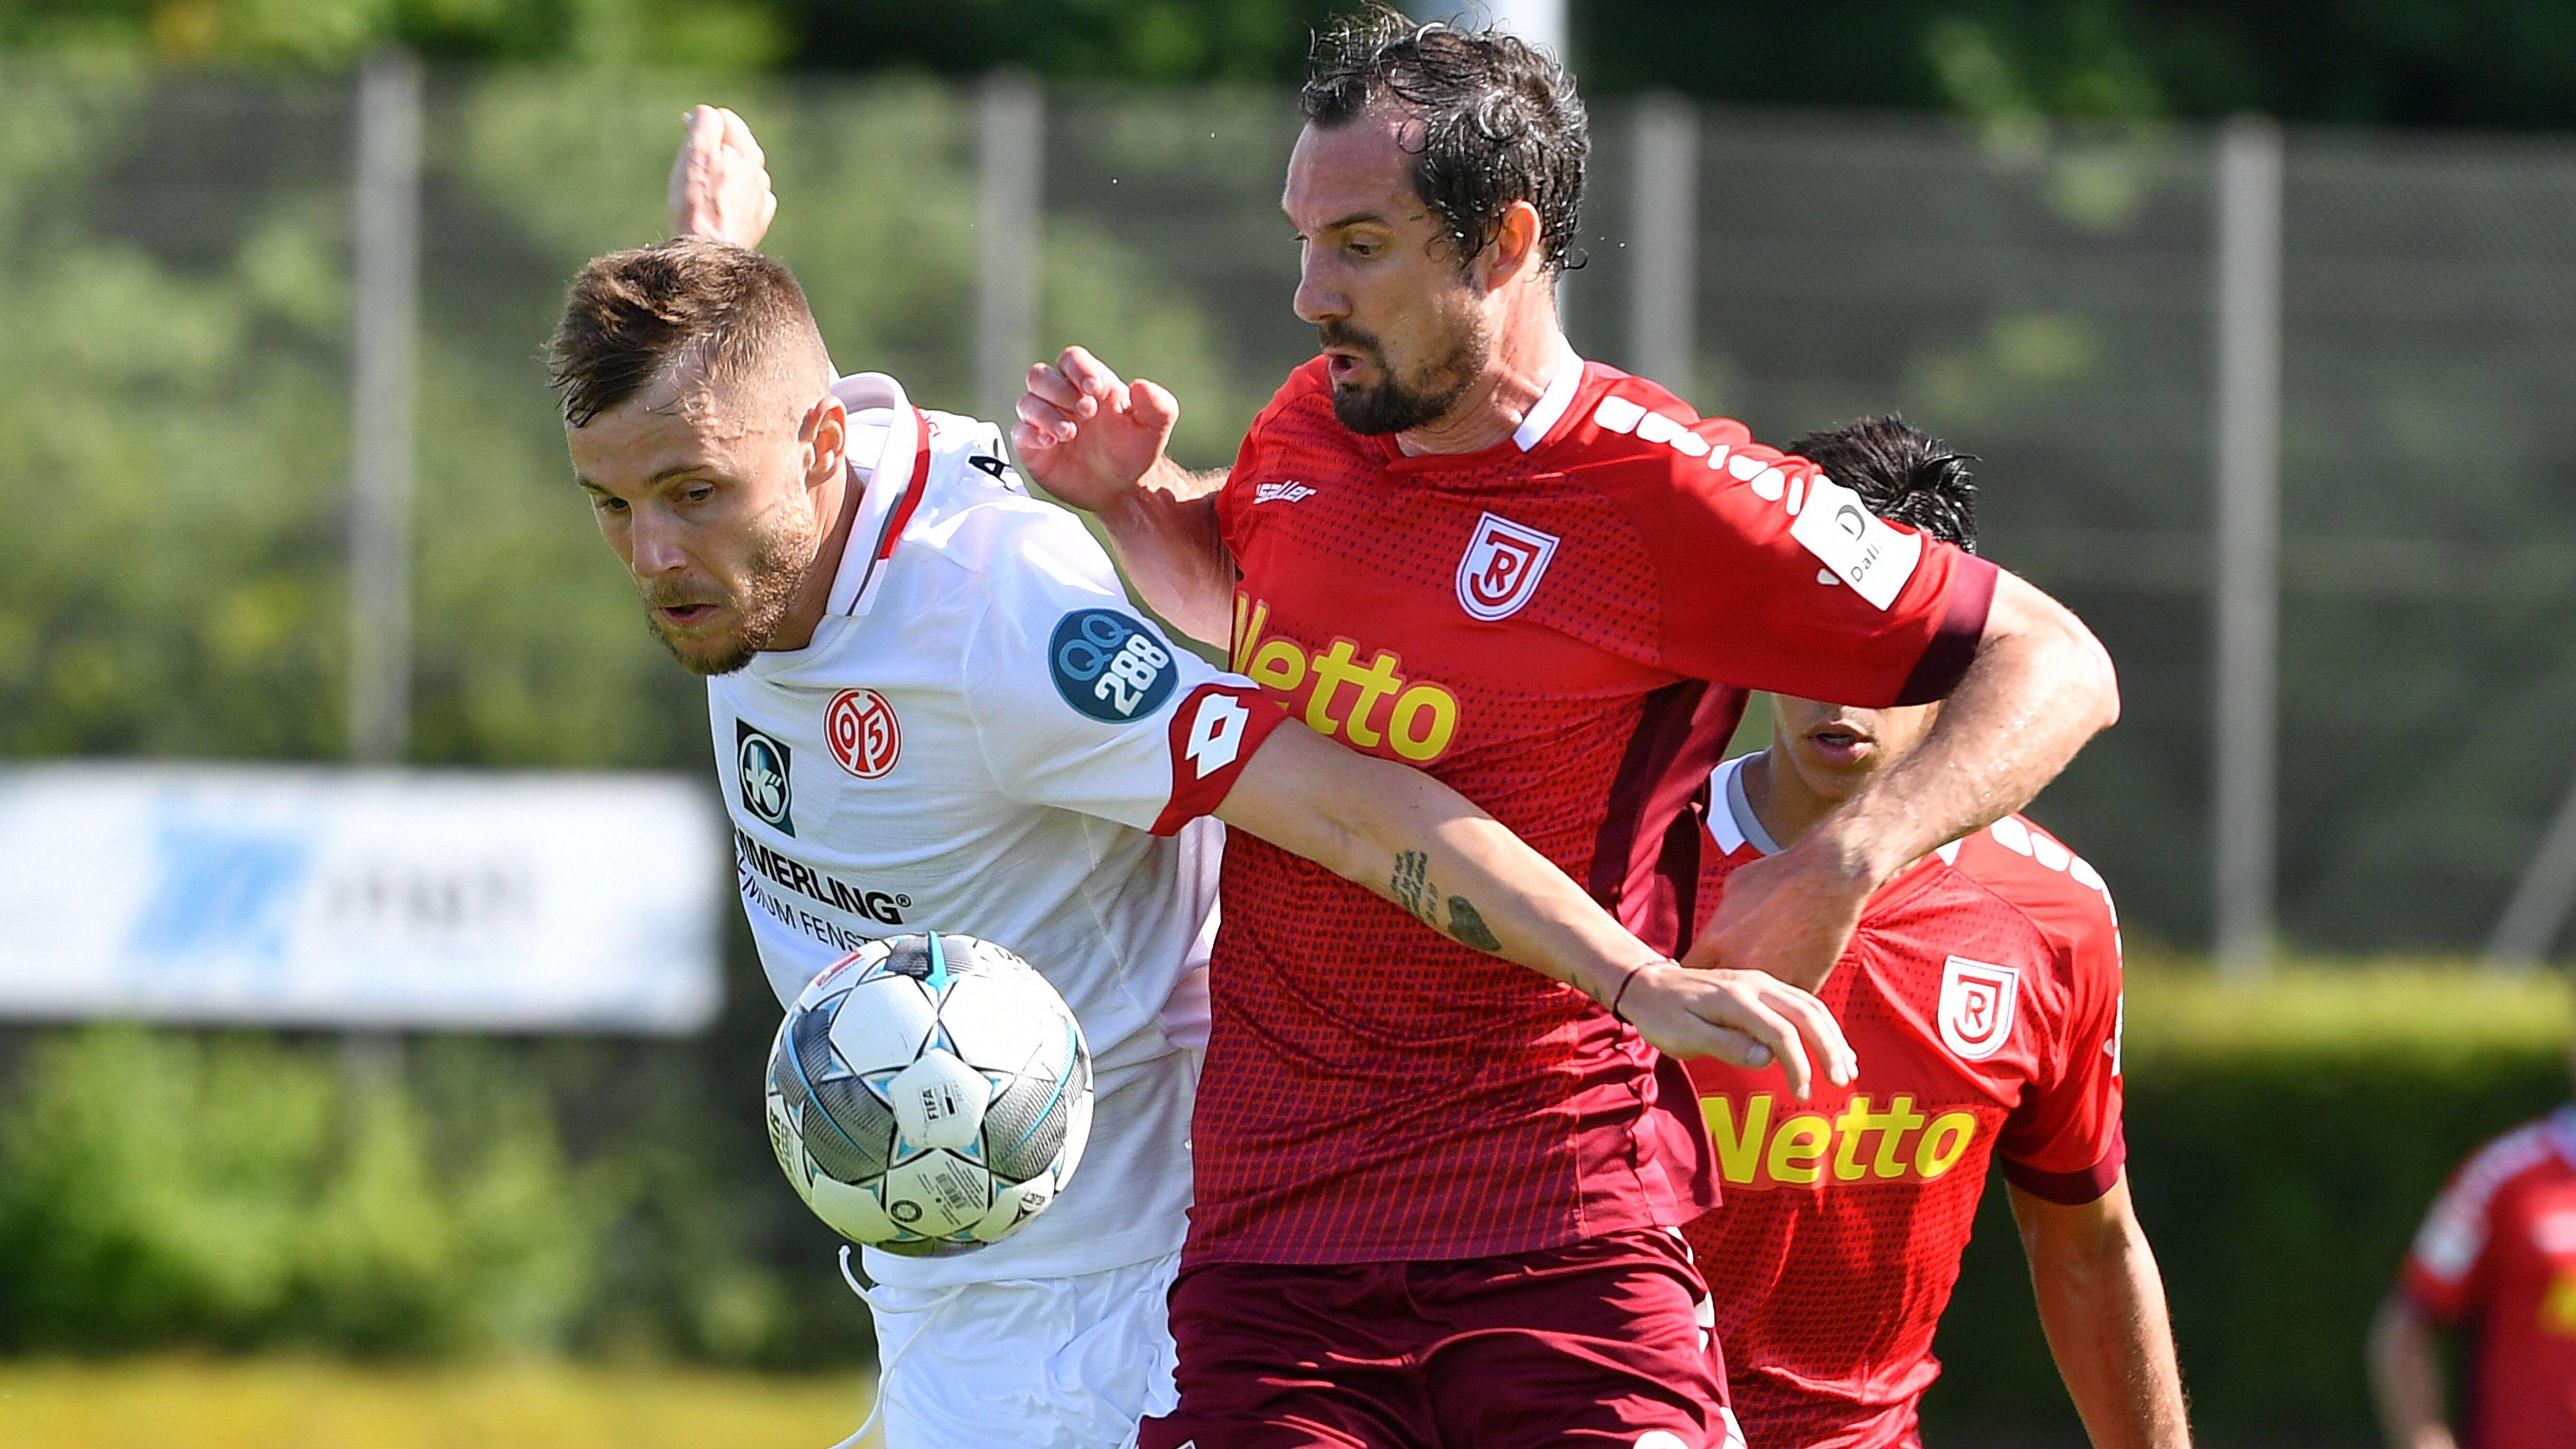 Spielbericht   Jahn Regensburg - 1. FSV Mainz 05 2:1   KW 29 2019   Fußball-Vereine Freundschaftsspiele 2019/20 - kicker